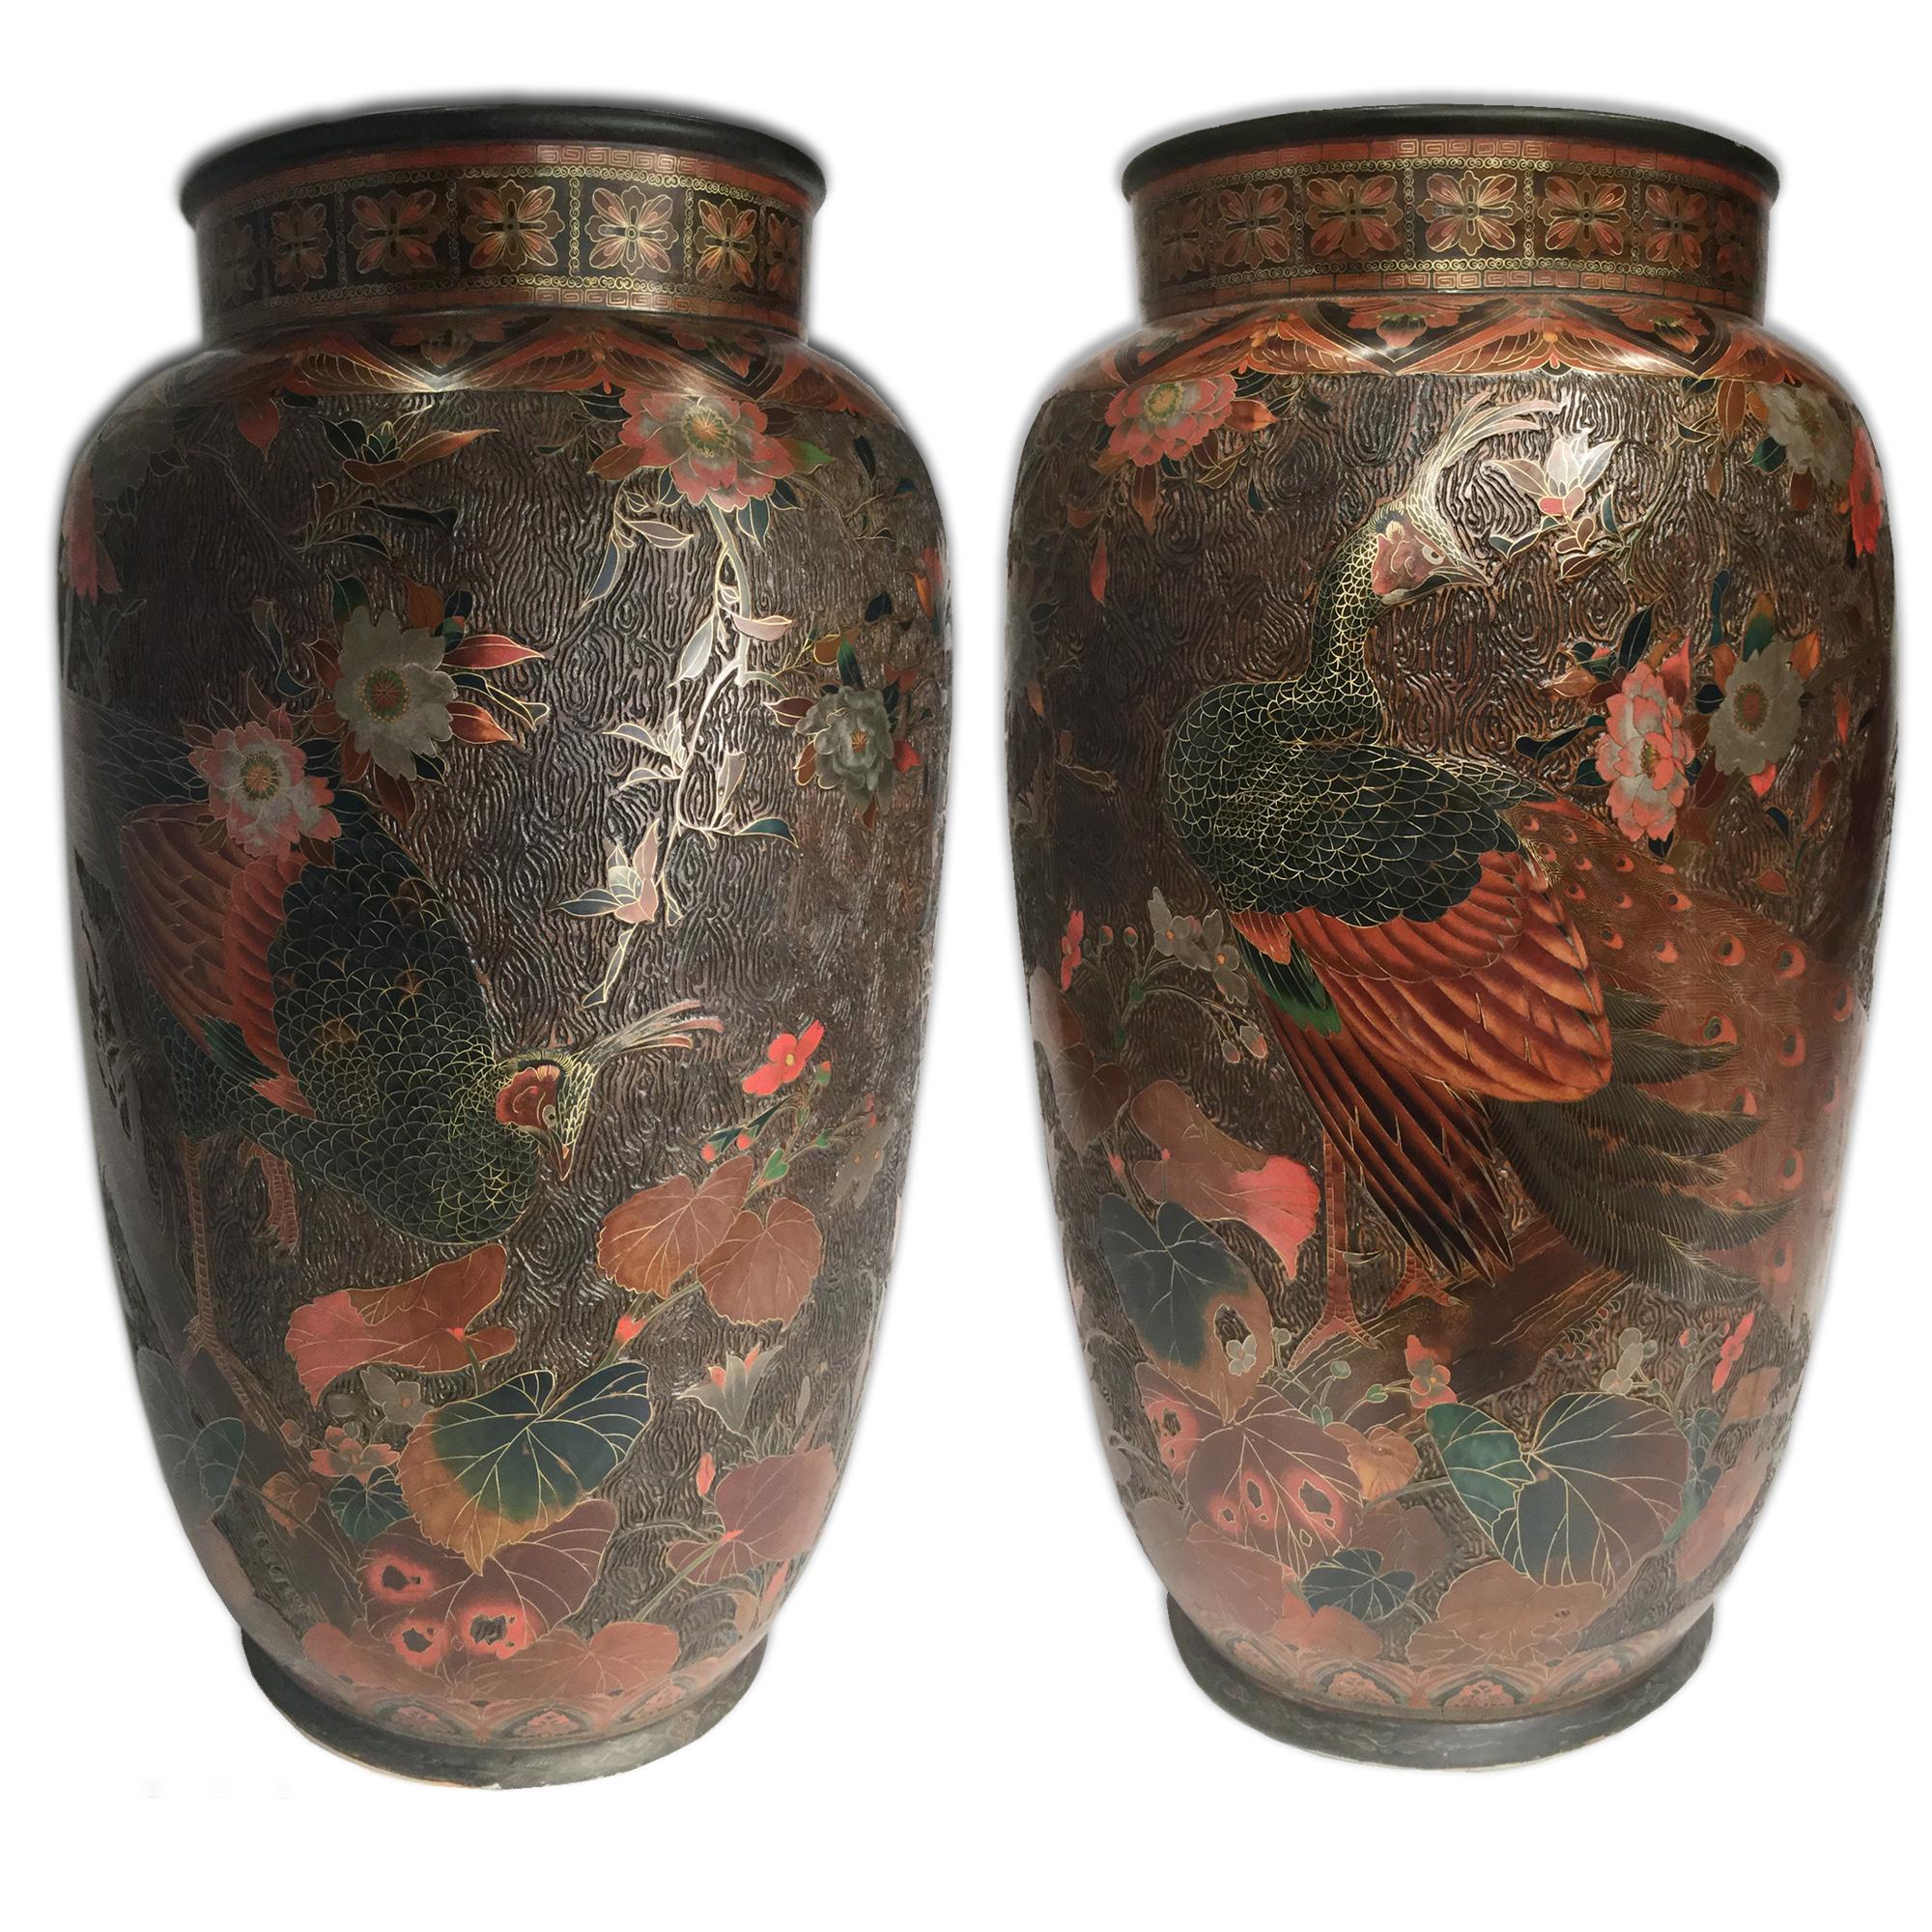 VENDU/SOLD Japon, Paire de grands vases en cloisonné de laque sur porcelaine, époque Meiji.